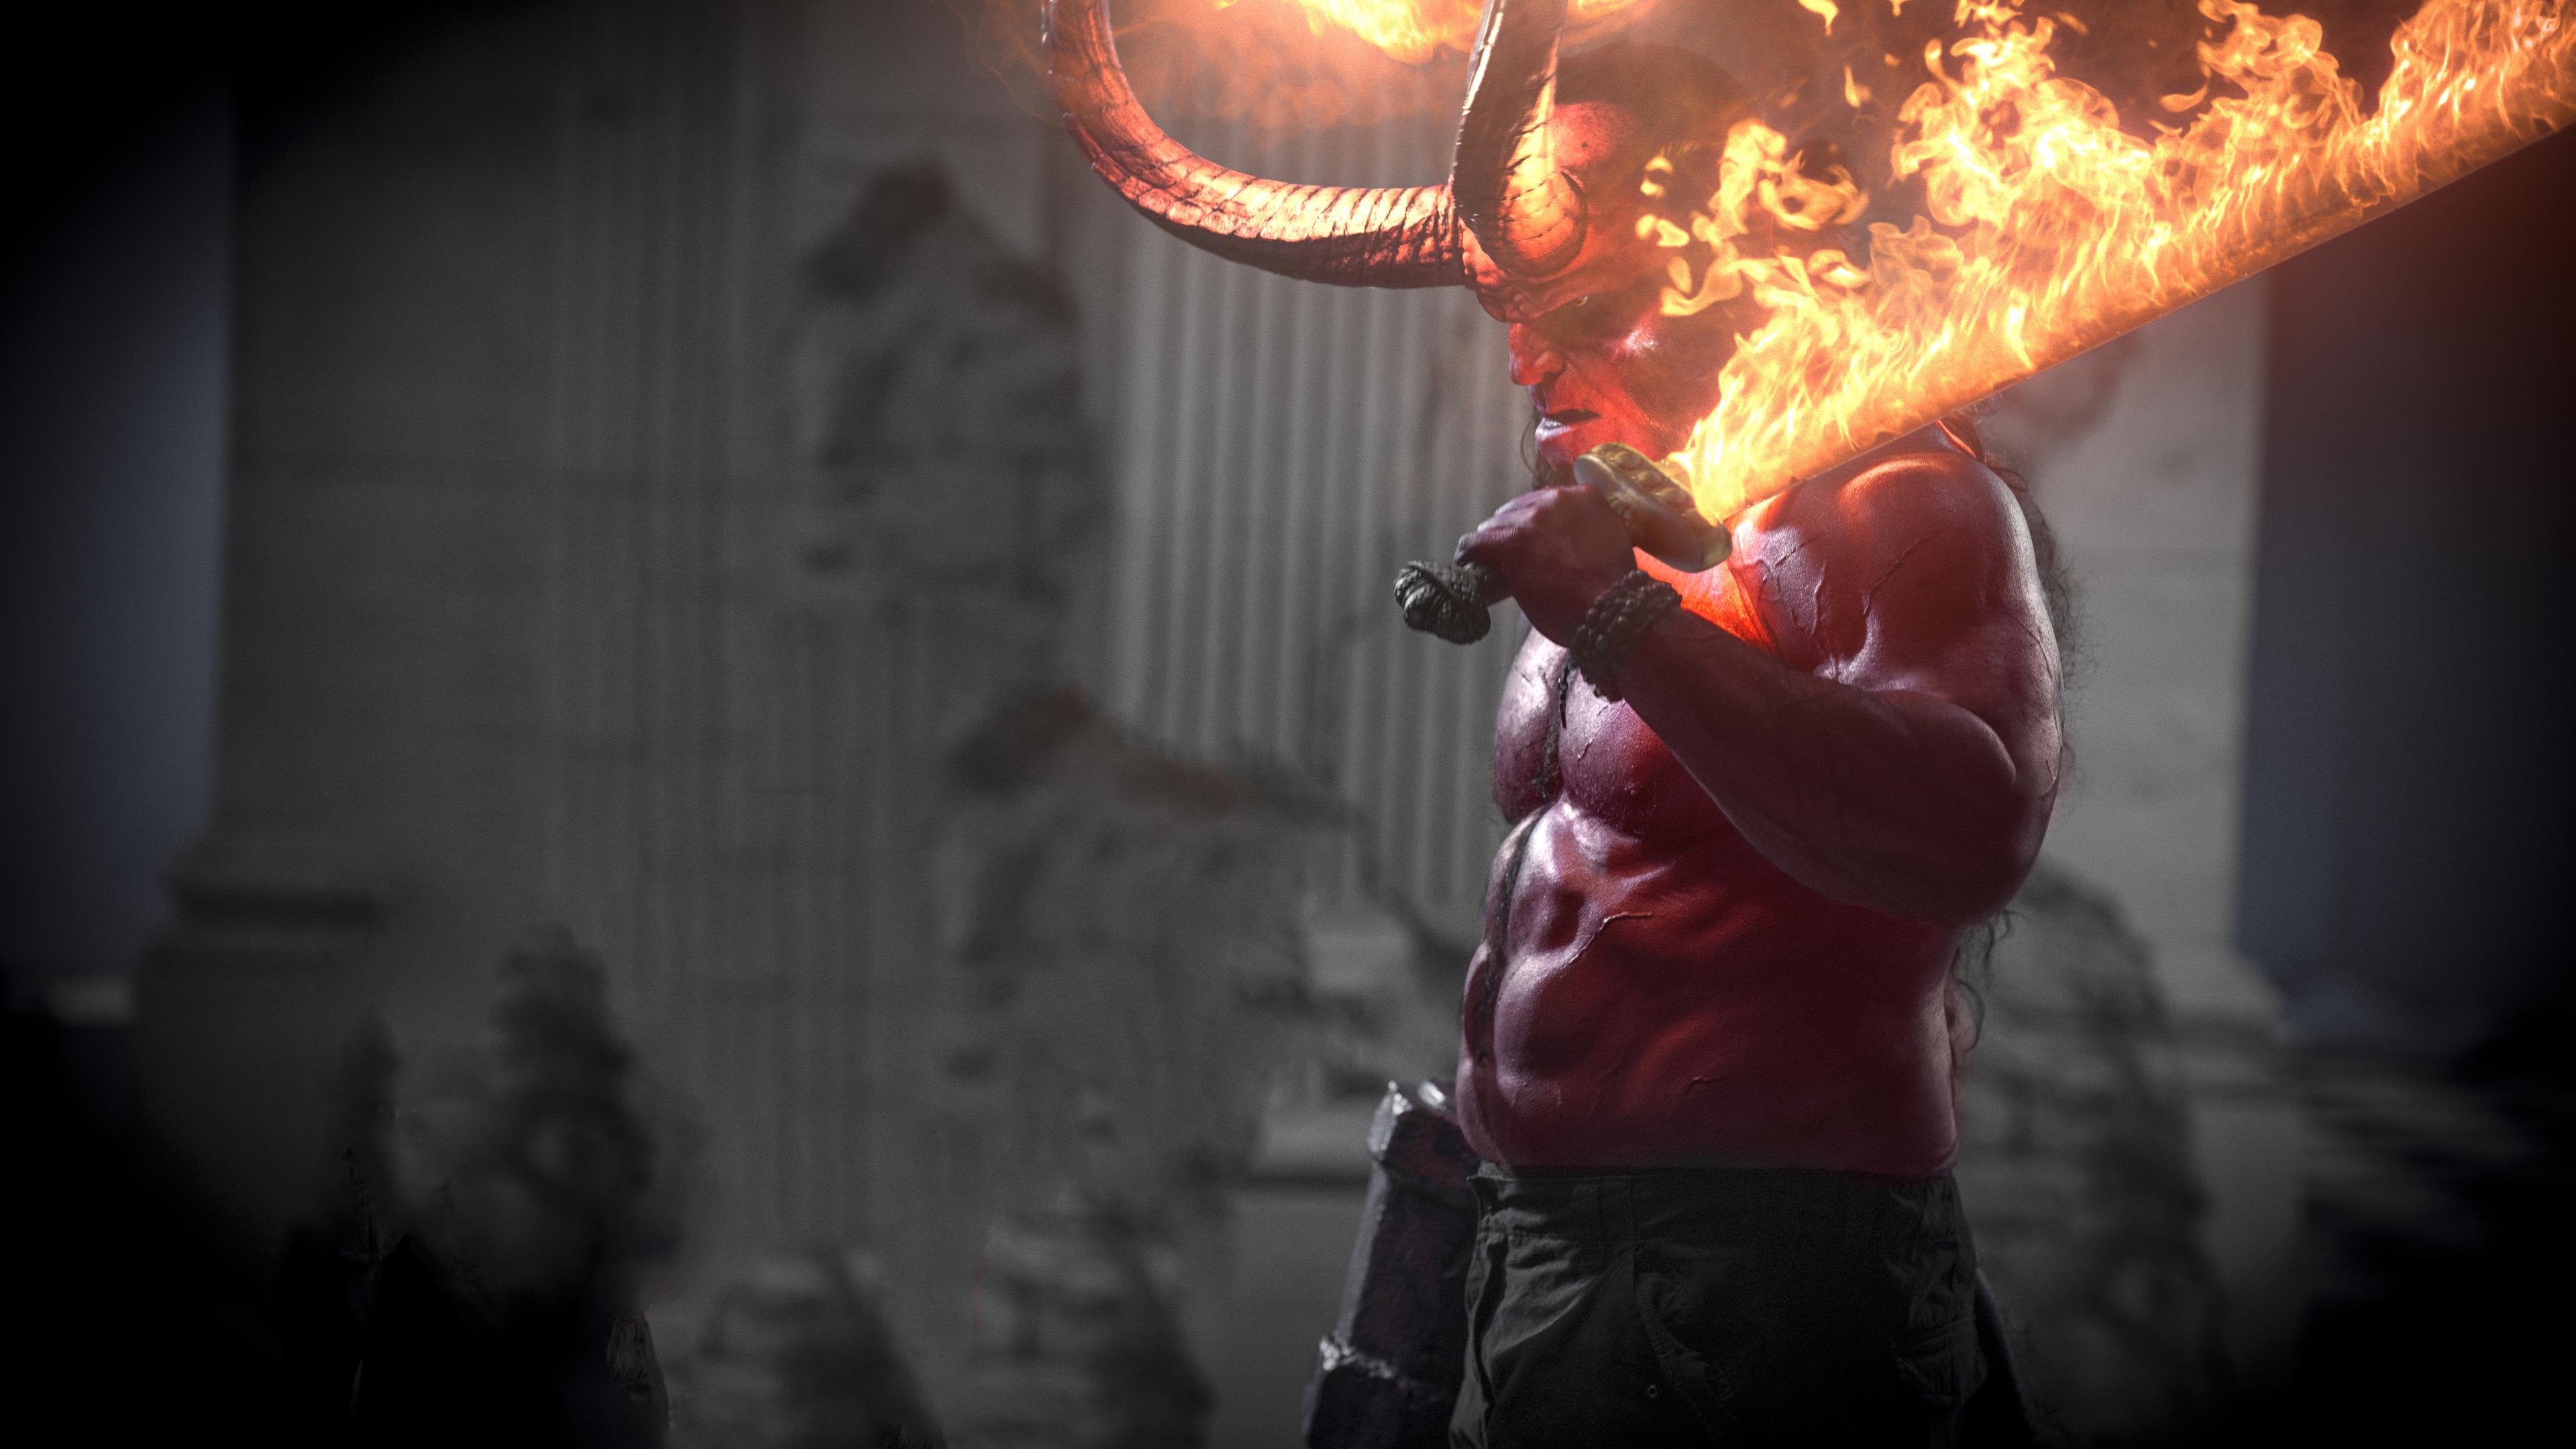 hellboy movie 2019 4k 1558220119 - Hellboy Movie 2019 4k - movies wallpapers, hellboy wallpapers, hd-wallpapers, 4k-wallpapers, 2019 movies wallpapers